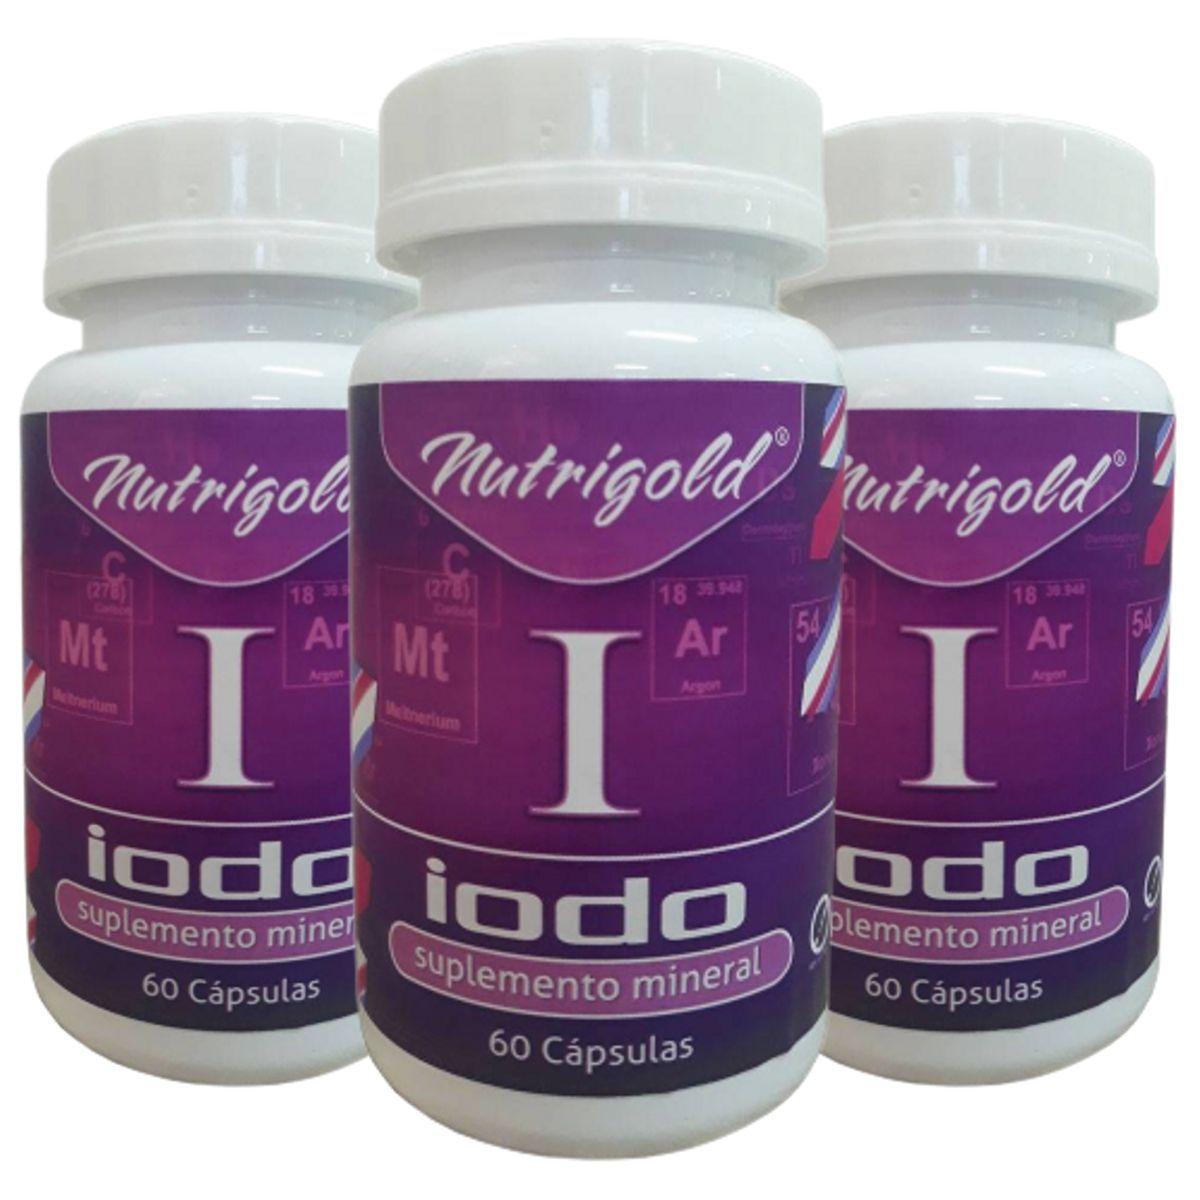 3 x Iodo inorgânico - Lugol em Cápsulas 60 Caps 650 mg